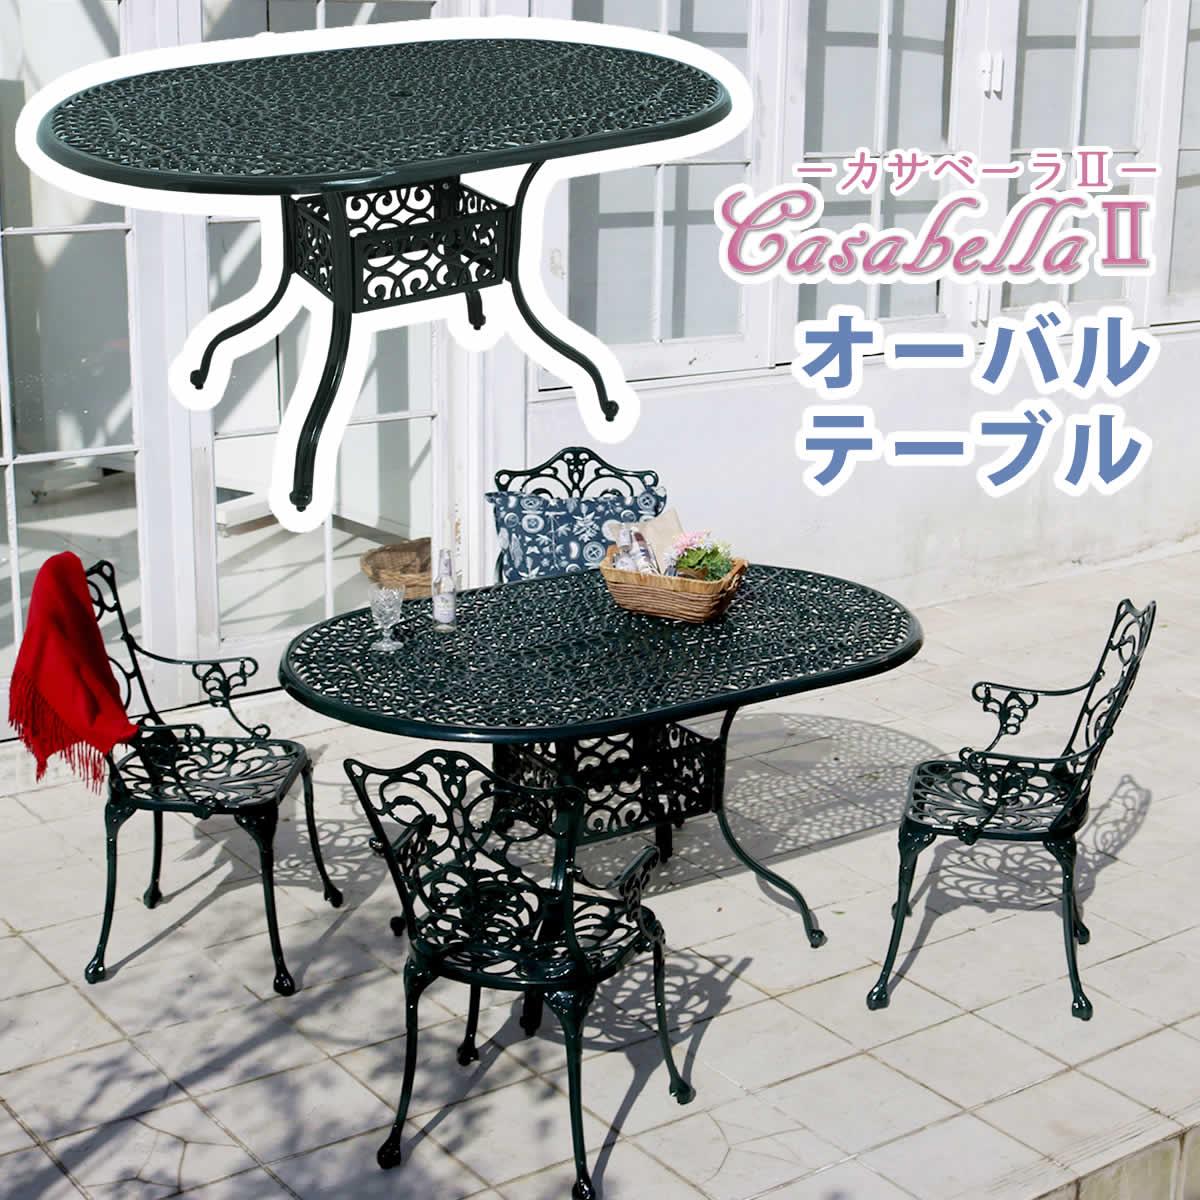 ありそうでない深グリーンが素敵!長く使うほど味が出る鋳物製。クラシカルで繊細な技巧はまるで芸術品 カサベーラ2 オーバルテーブル【送料無料 簡単組立 ガーデンテーブル ダークグリーン テラス 庭 ウッドデッキ アルミ アンティーク クラシカル イングリッシュガーデン ファニチャー シンプル 北欧 インテリア 家具 ガーデン カフェ】